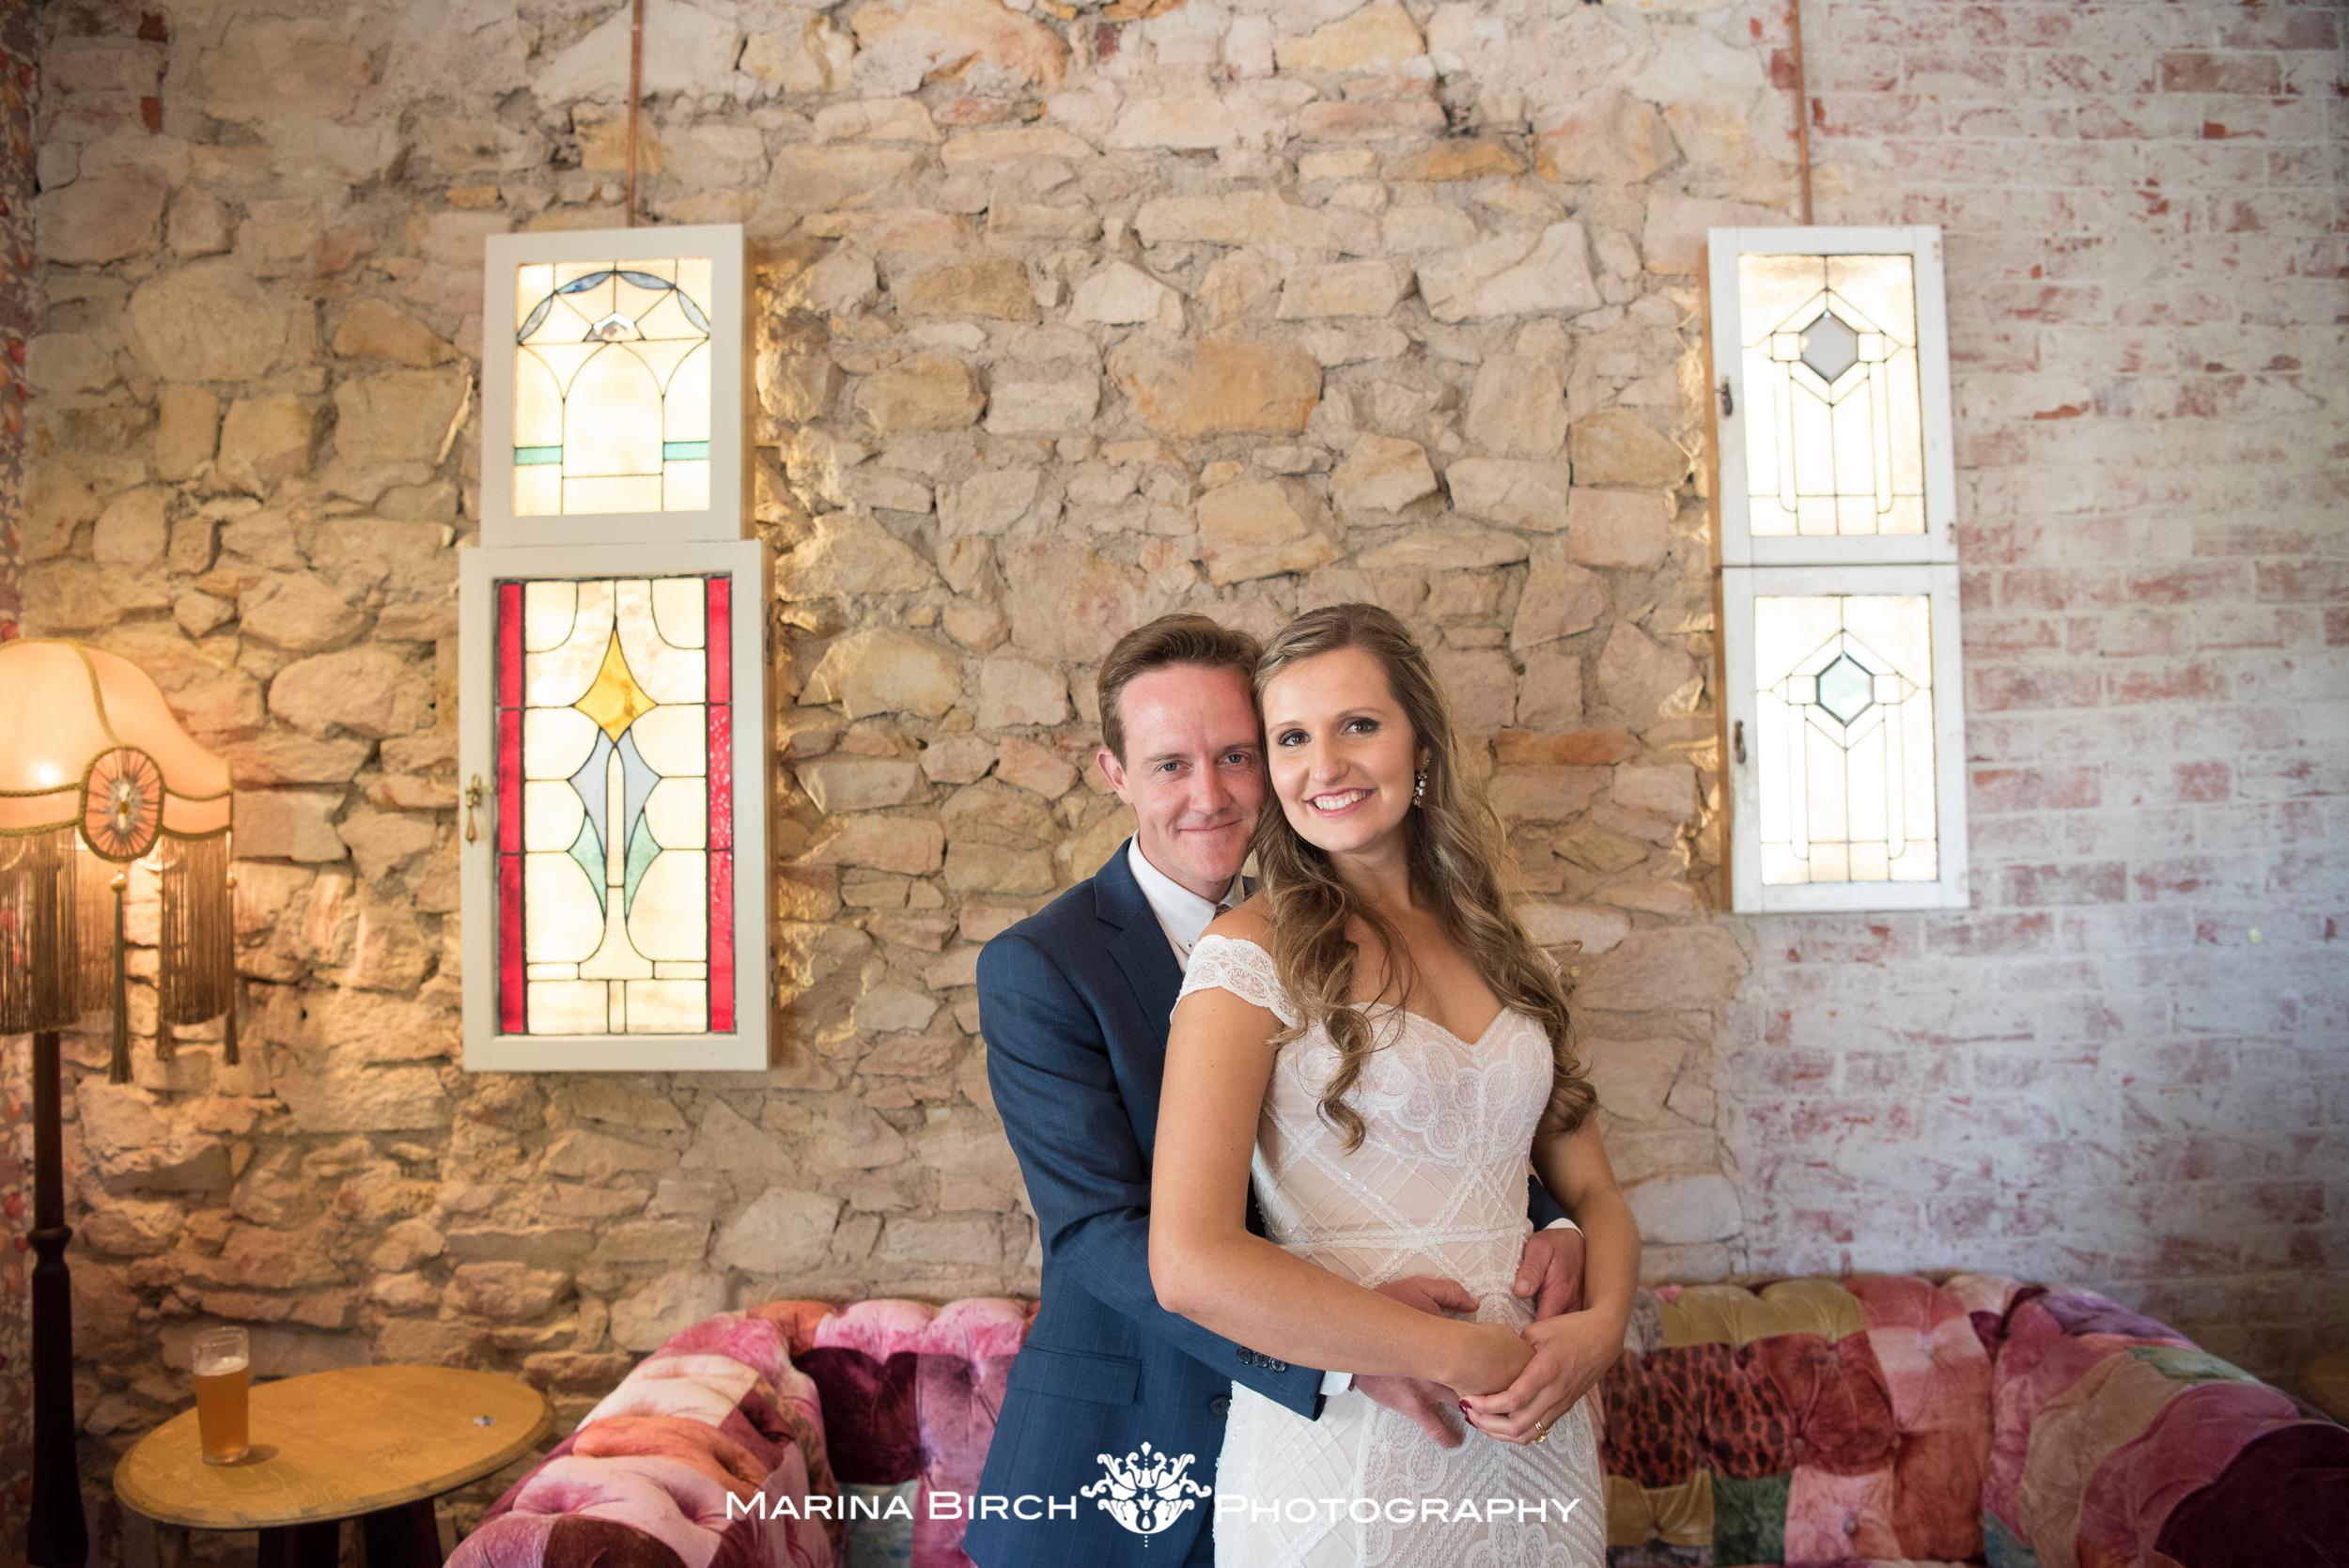 MBP.wedding -28.jpg